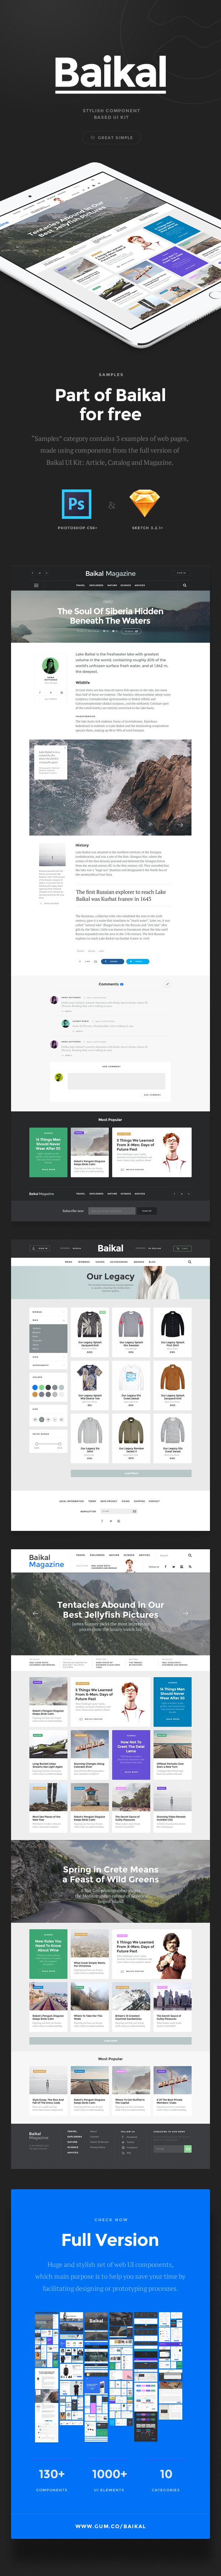 Baikal UI Kit: Samples